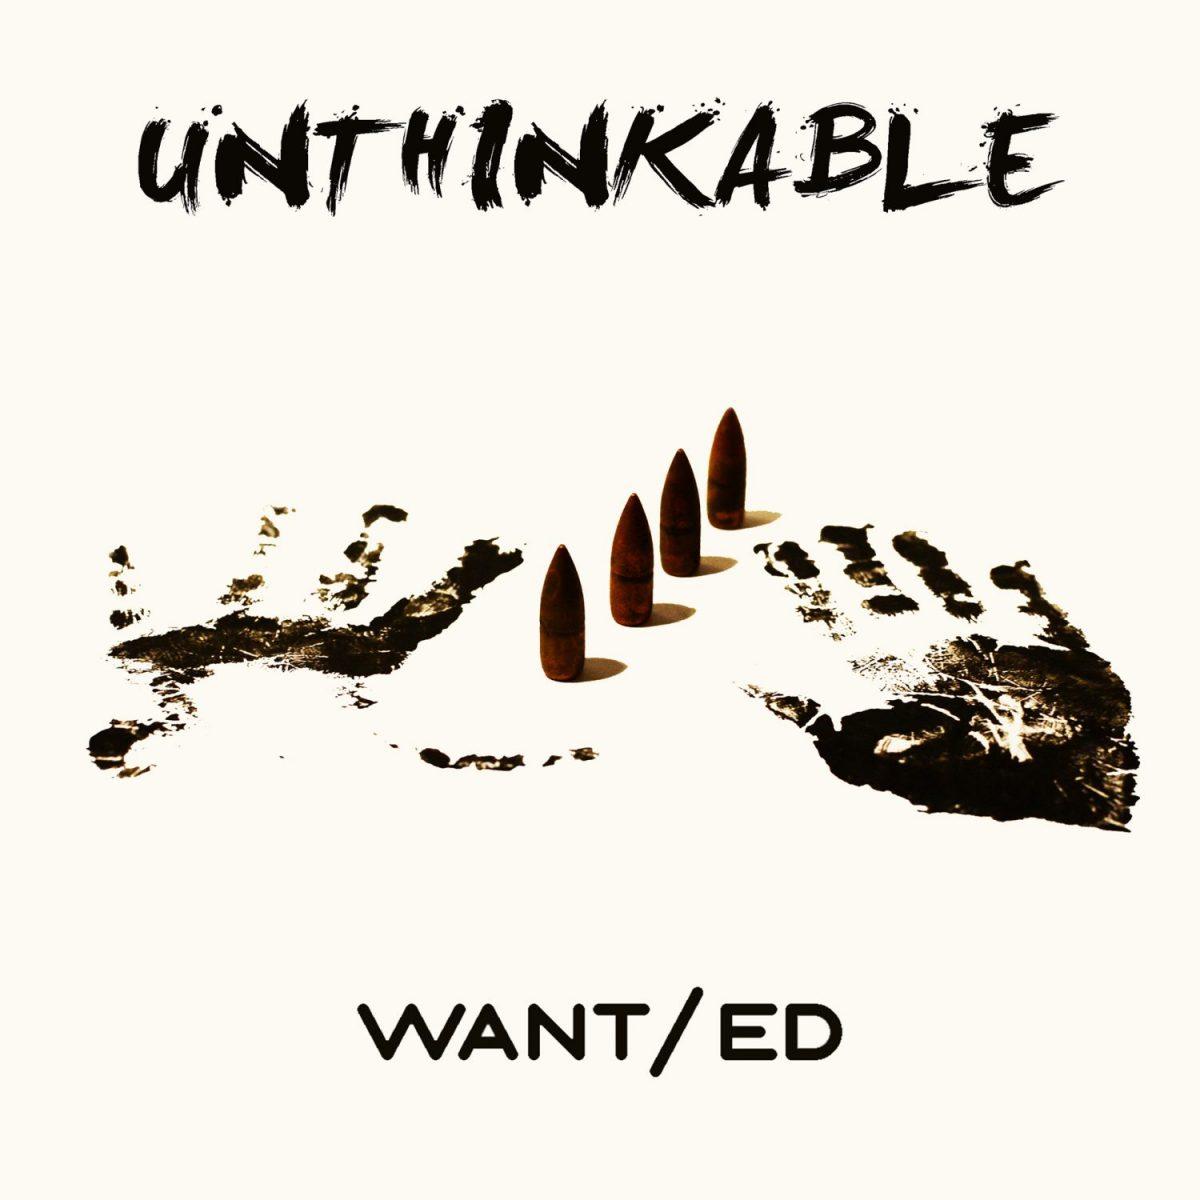 Wanted - Unthinkable